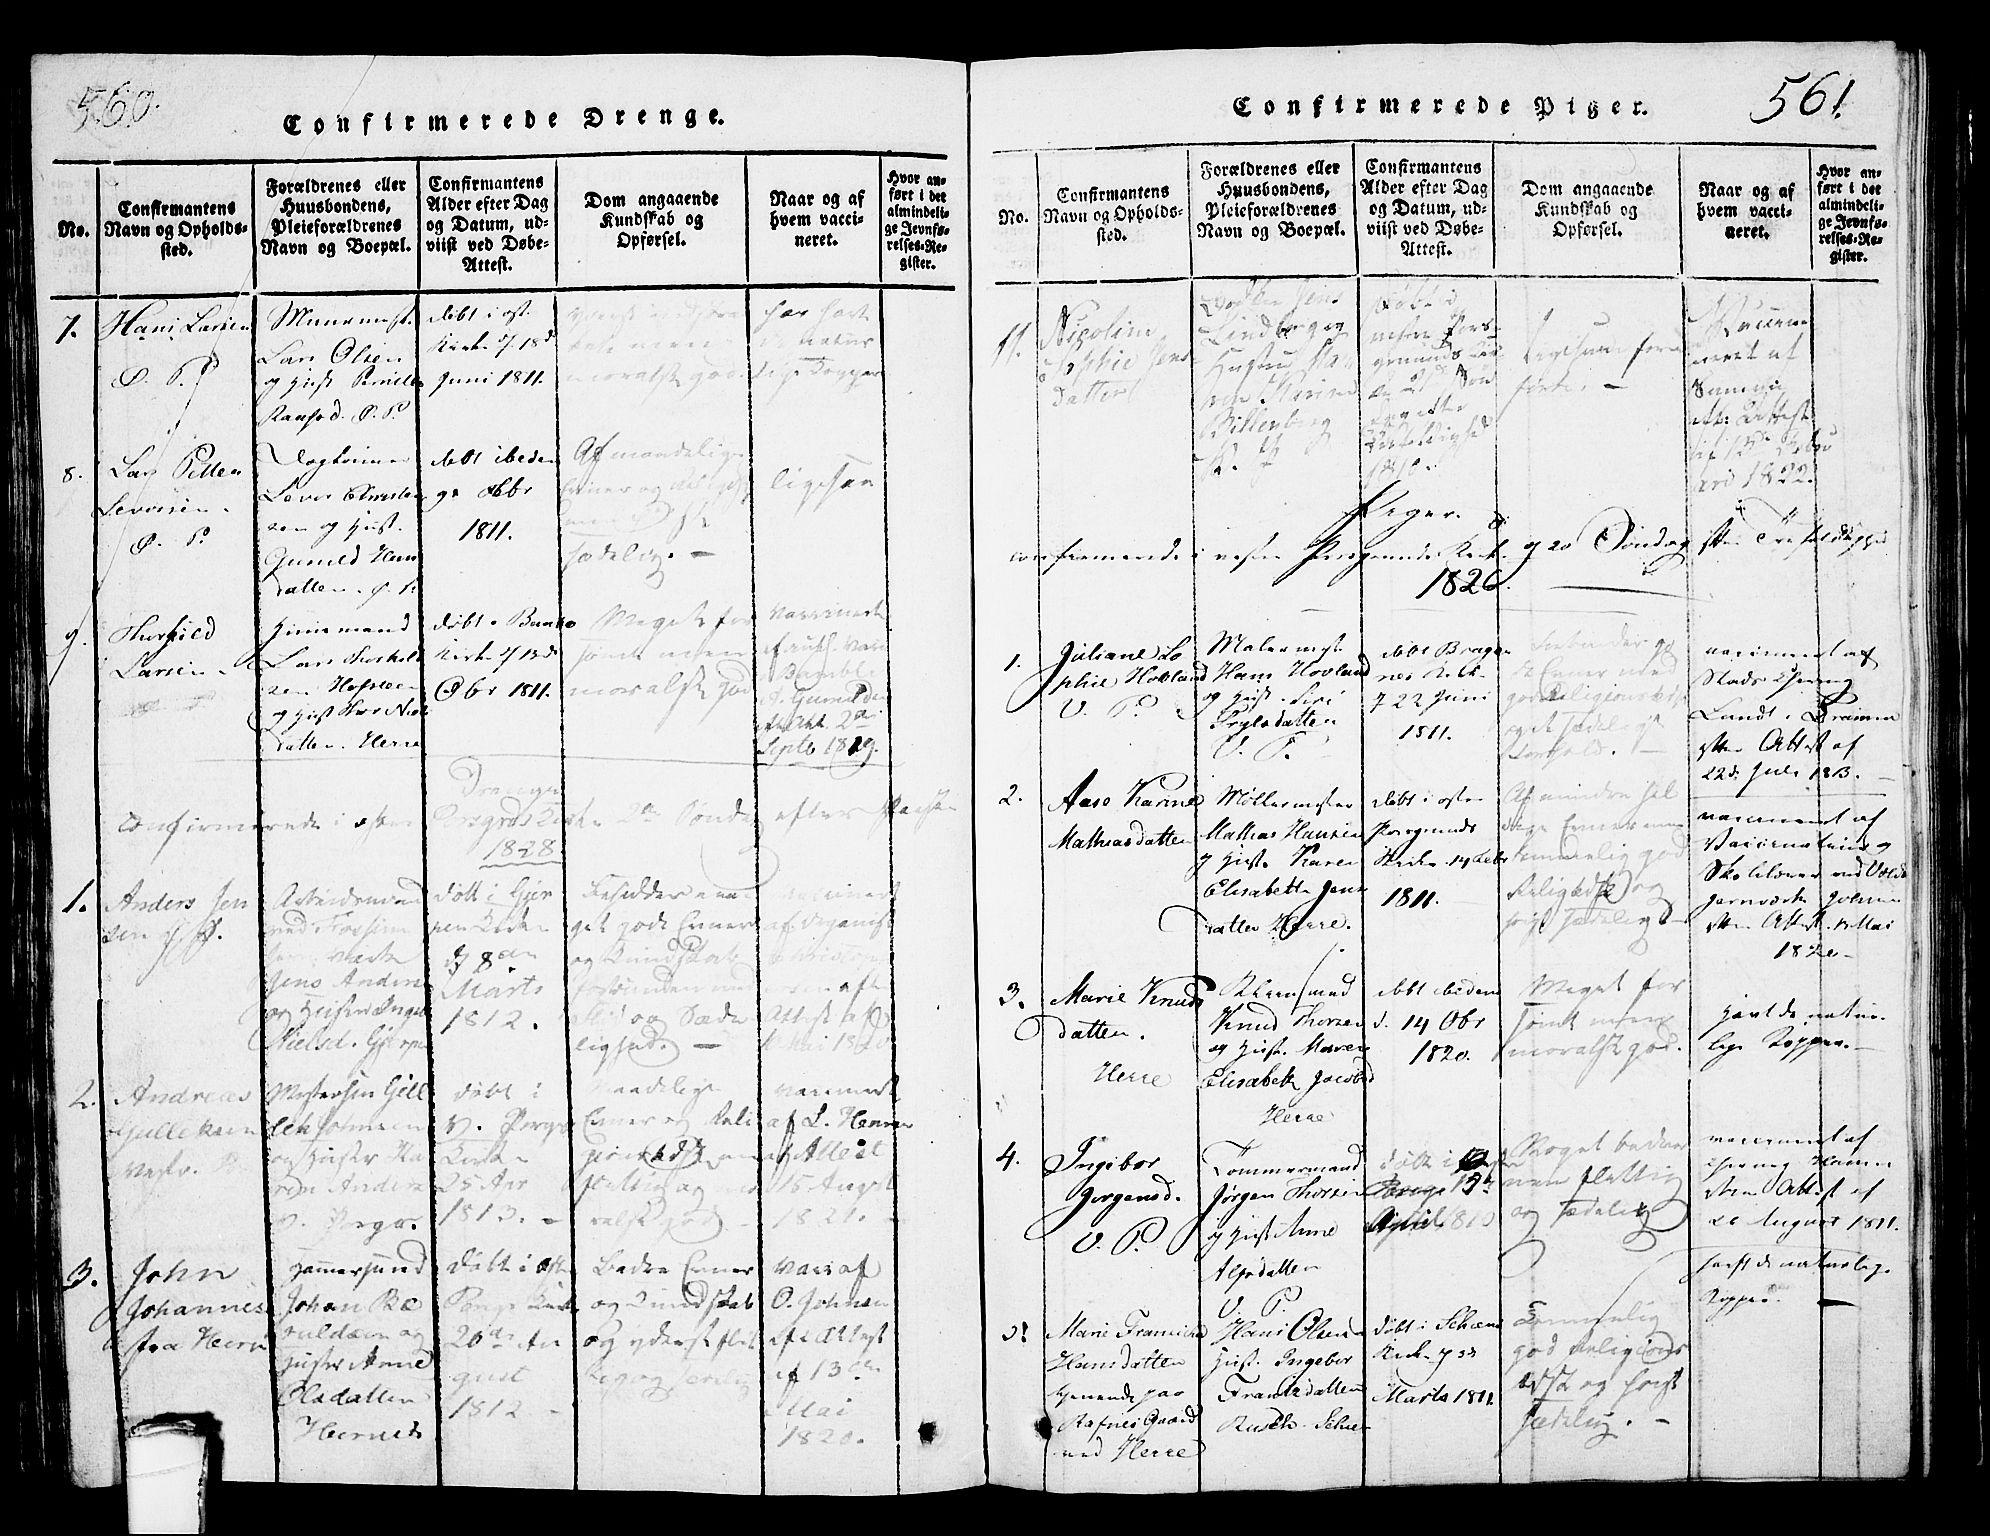 SAKO, Porsgrunn kirkebøker , G/Gb/L0001: Klokkerbok nr. II 1, 1817-1828, s. 560-561